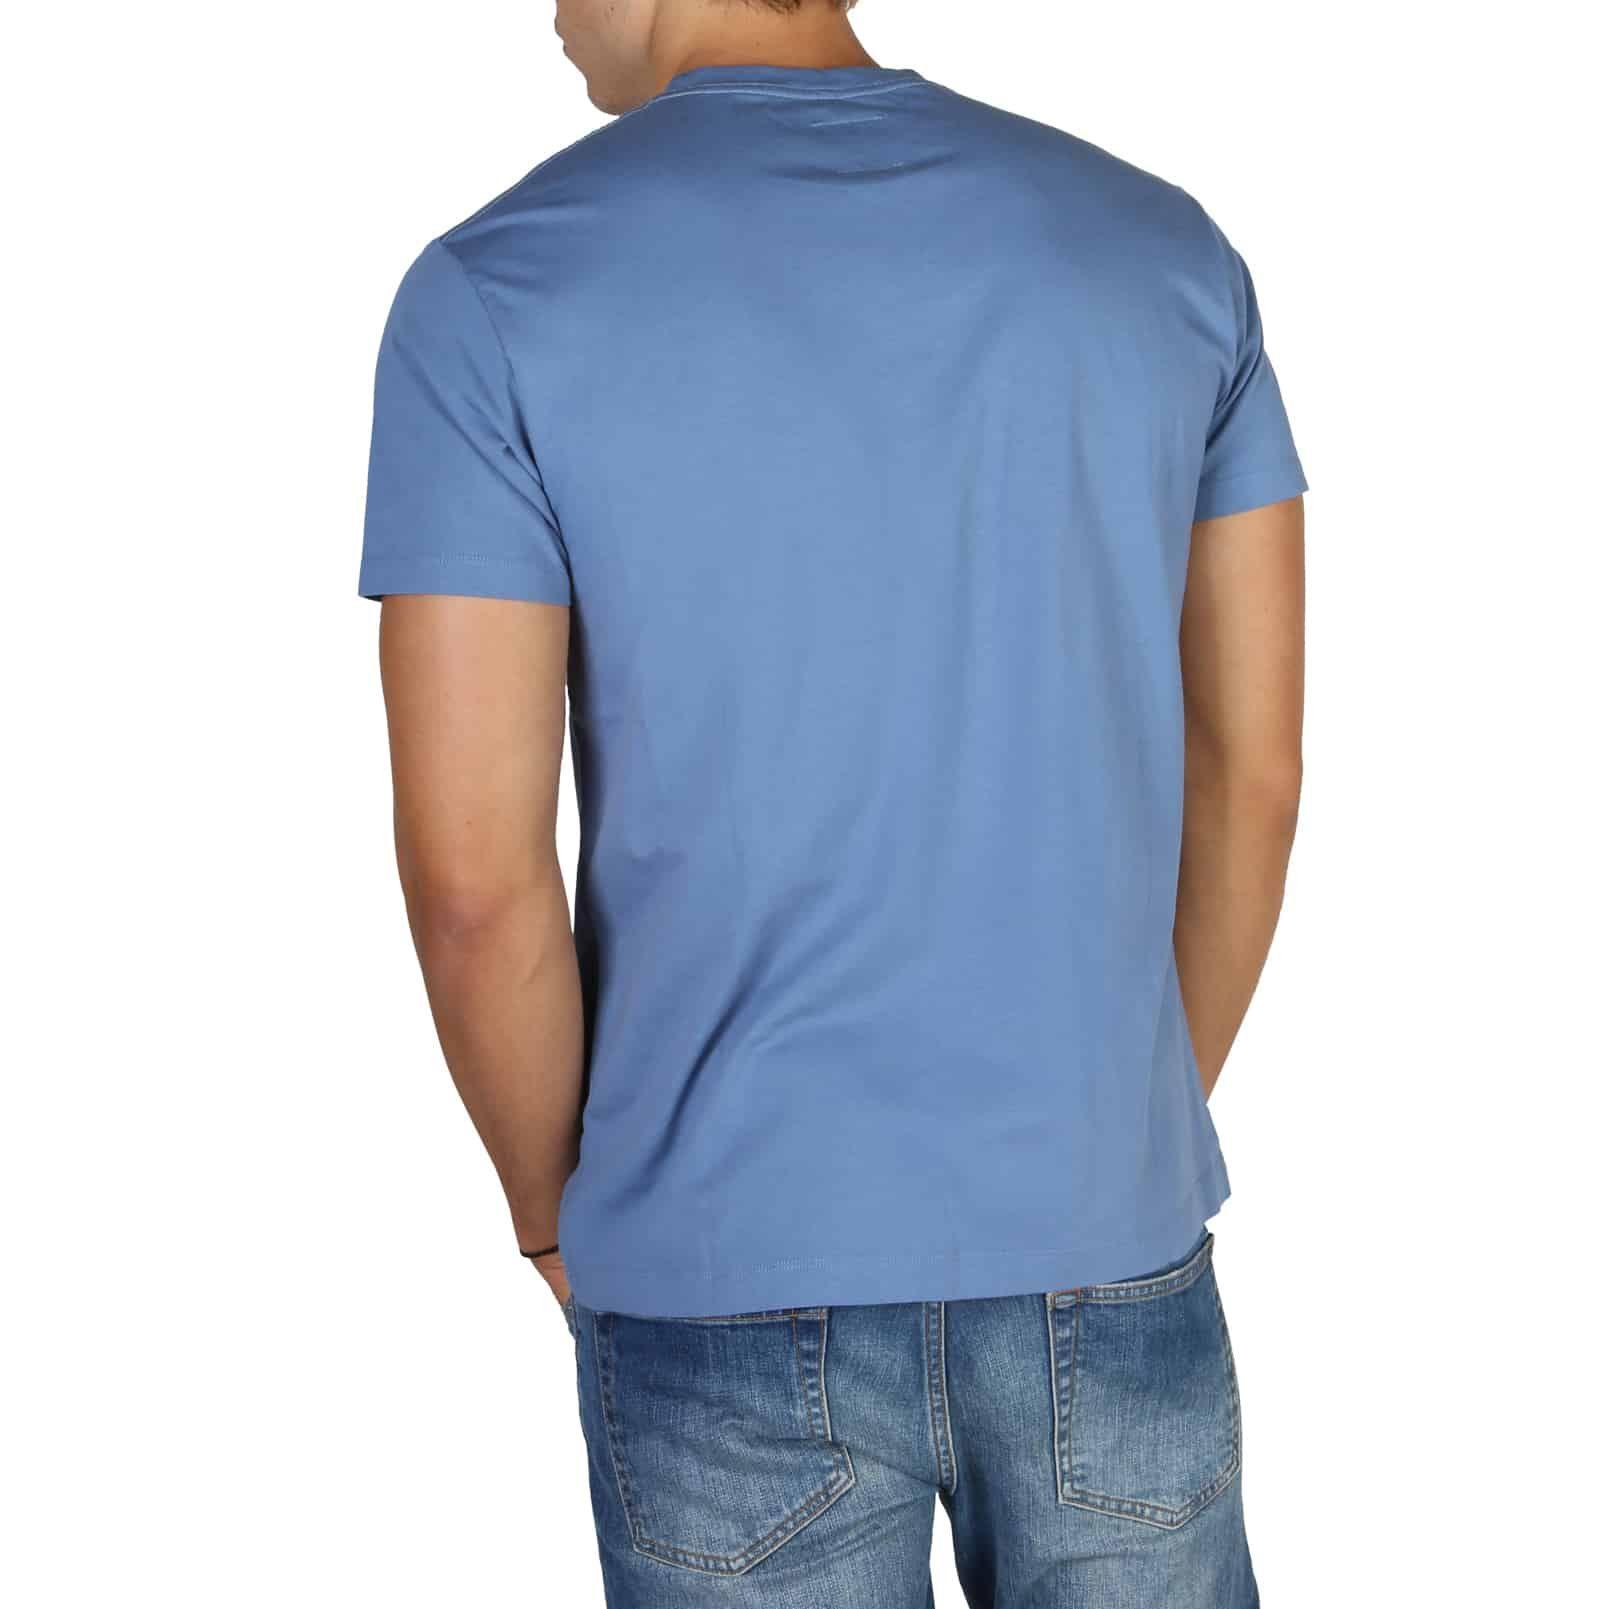 Bekleidung Hackett – HM500320 – Blau